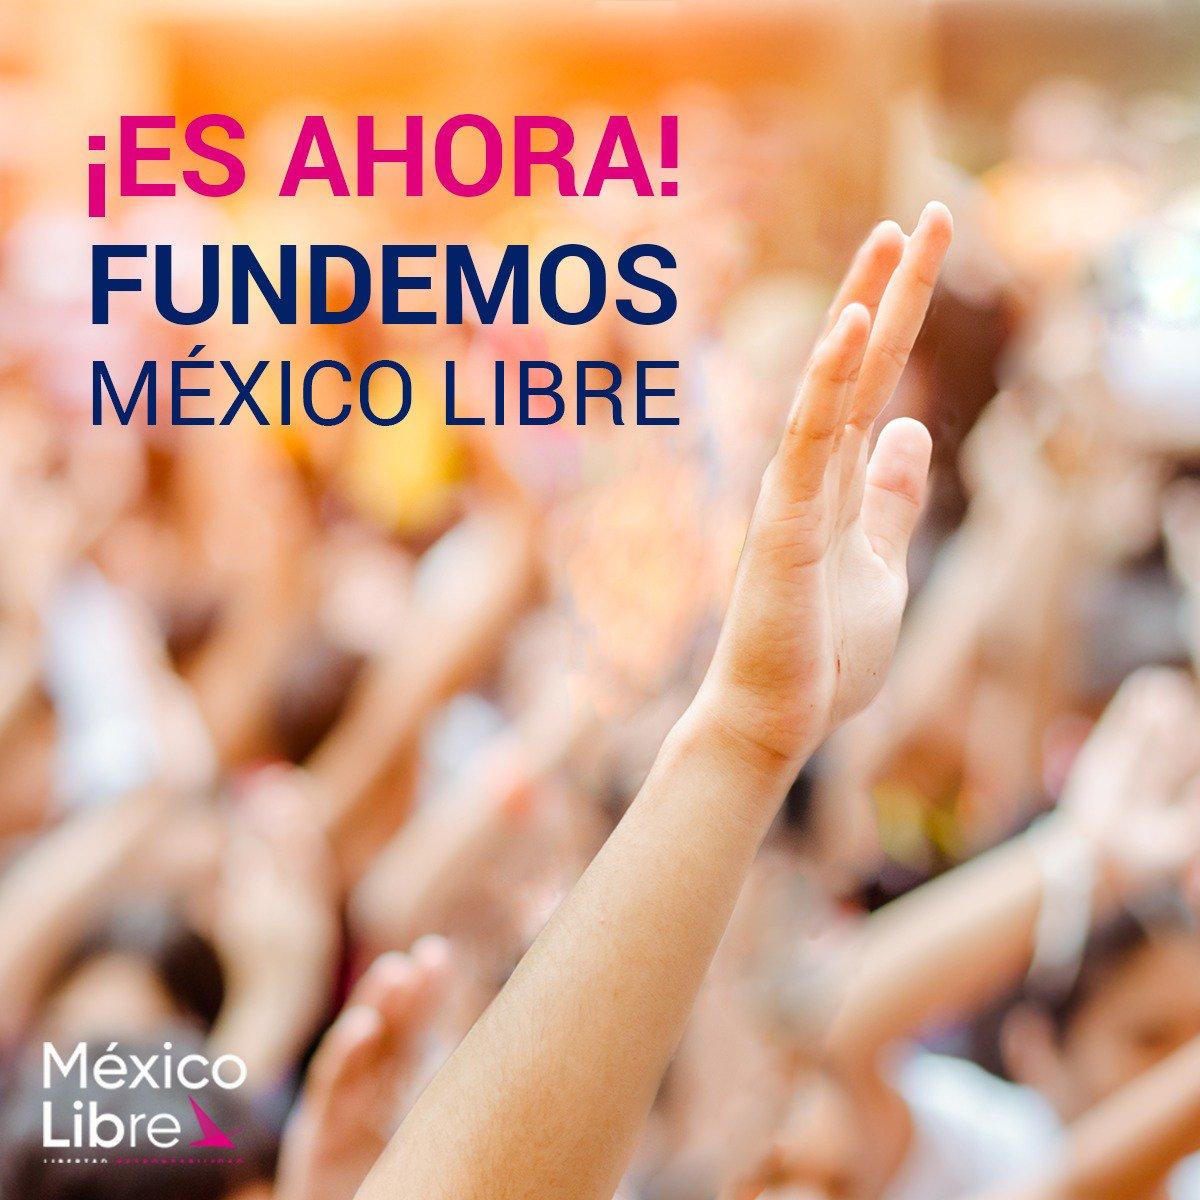 Porque sabemos que las cosas pueden estar mejor  #QuieroUnMéxicoLibre #MéxicoLibreAvanza